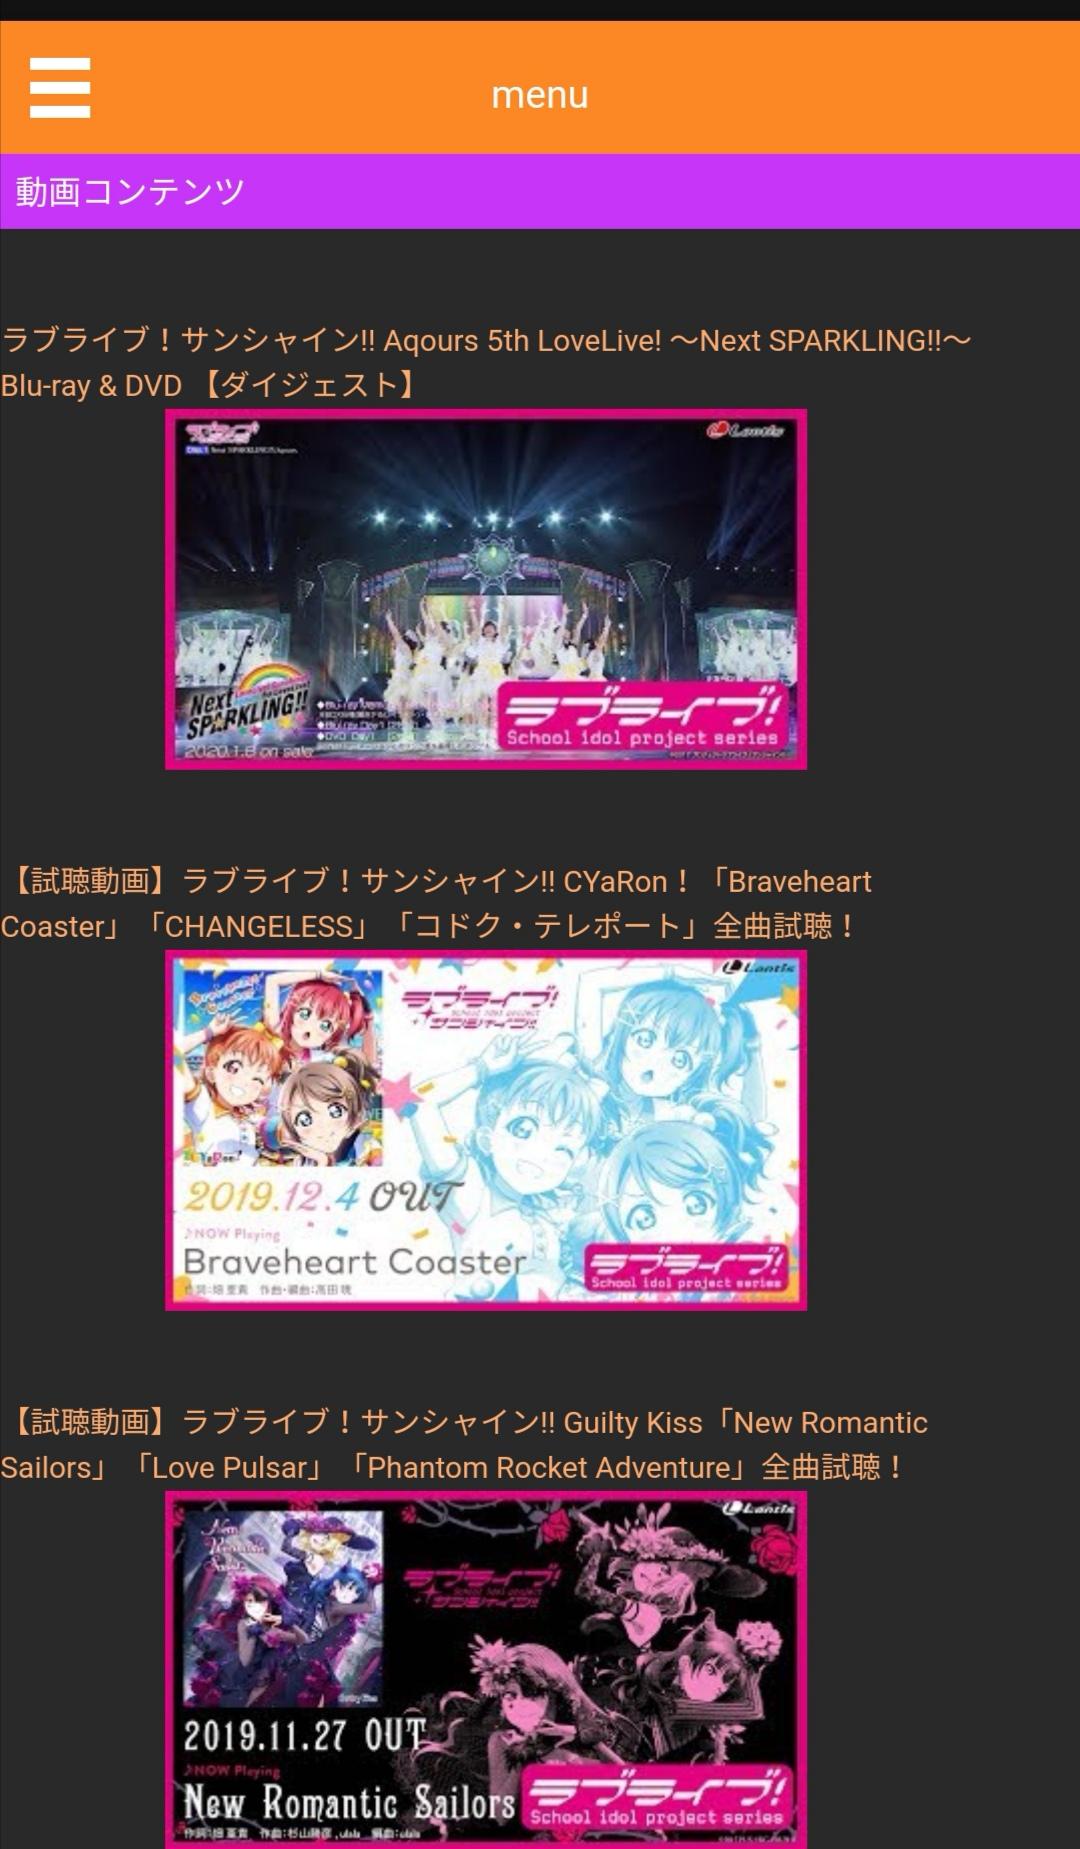 1 11 - 【ラブライブ!】C97虹ヶ咲学園スクールアイドル同好会シールラリー企画のお知らせ